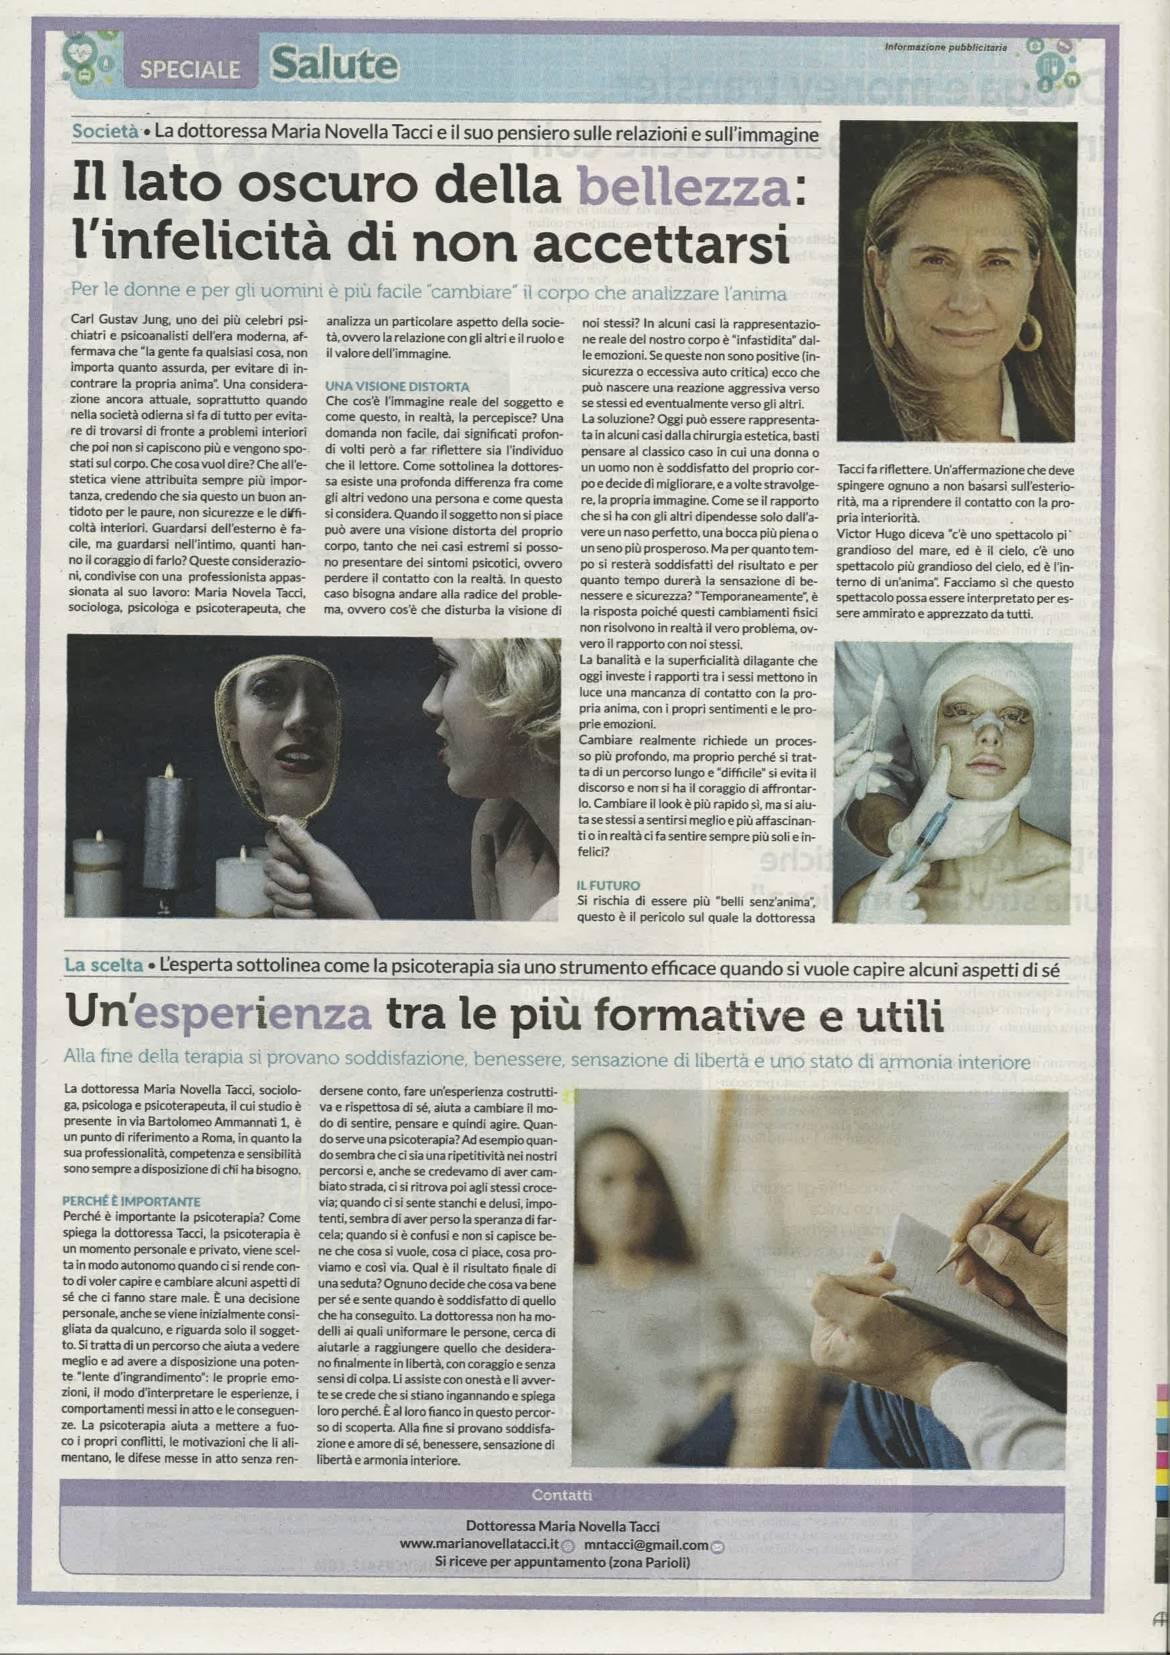 Articolo_MNT_Repubblica_240218.jpg